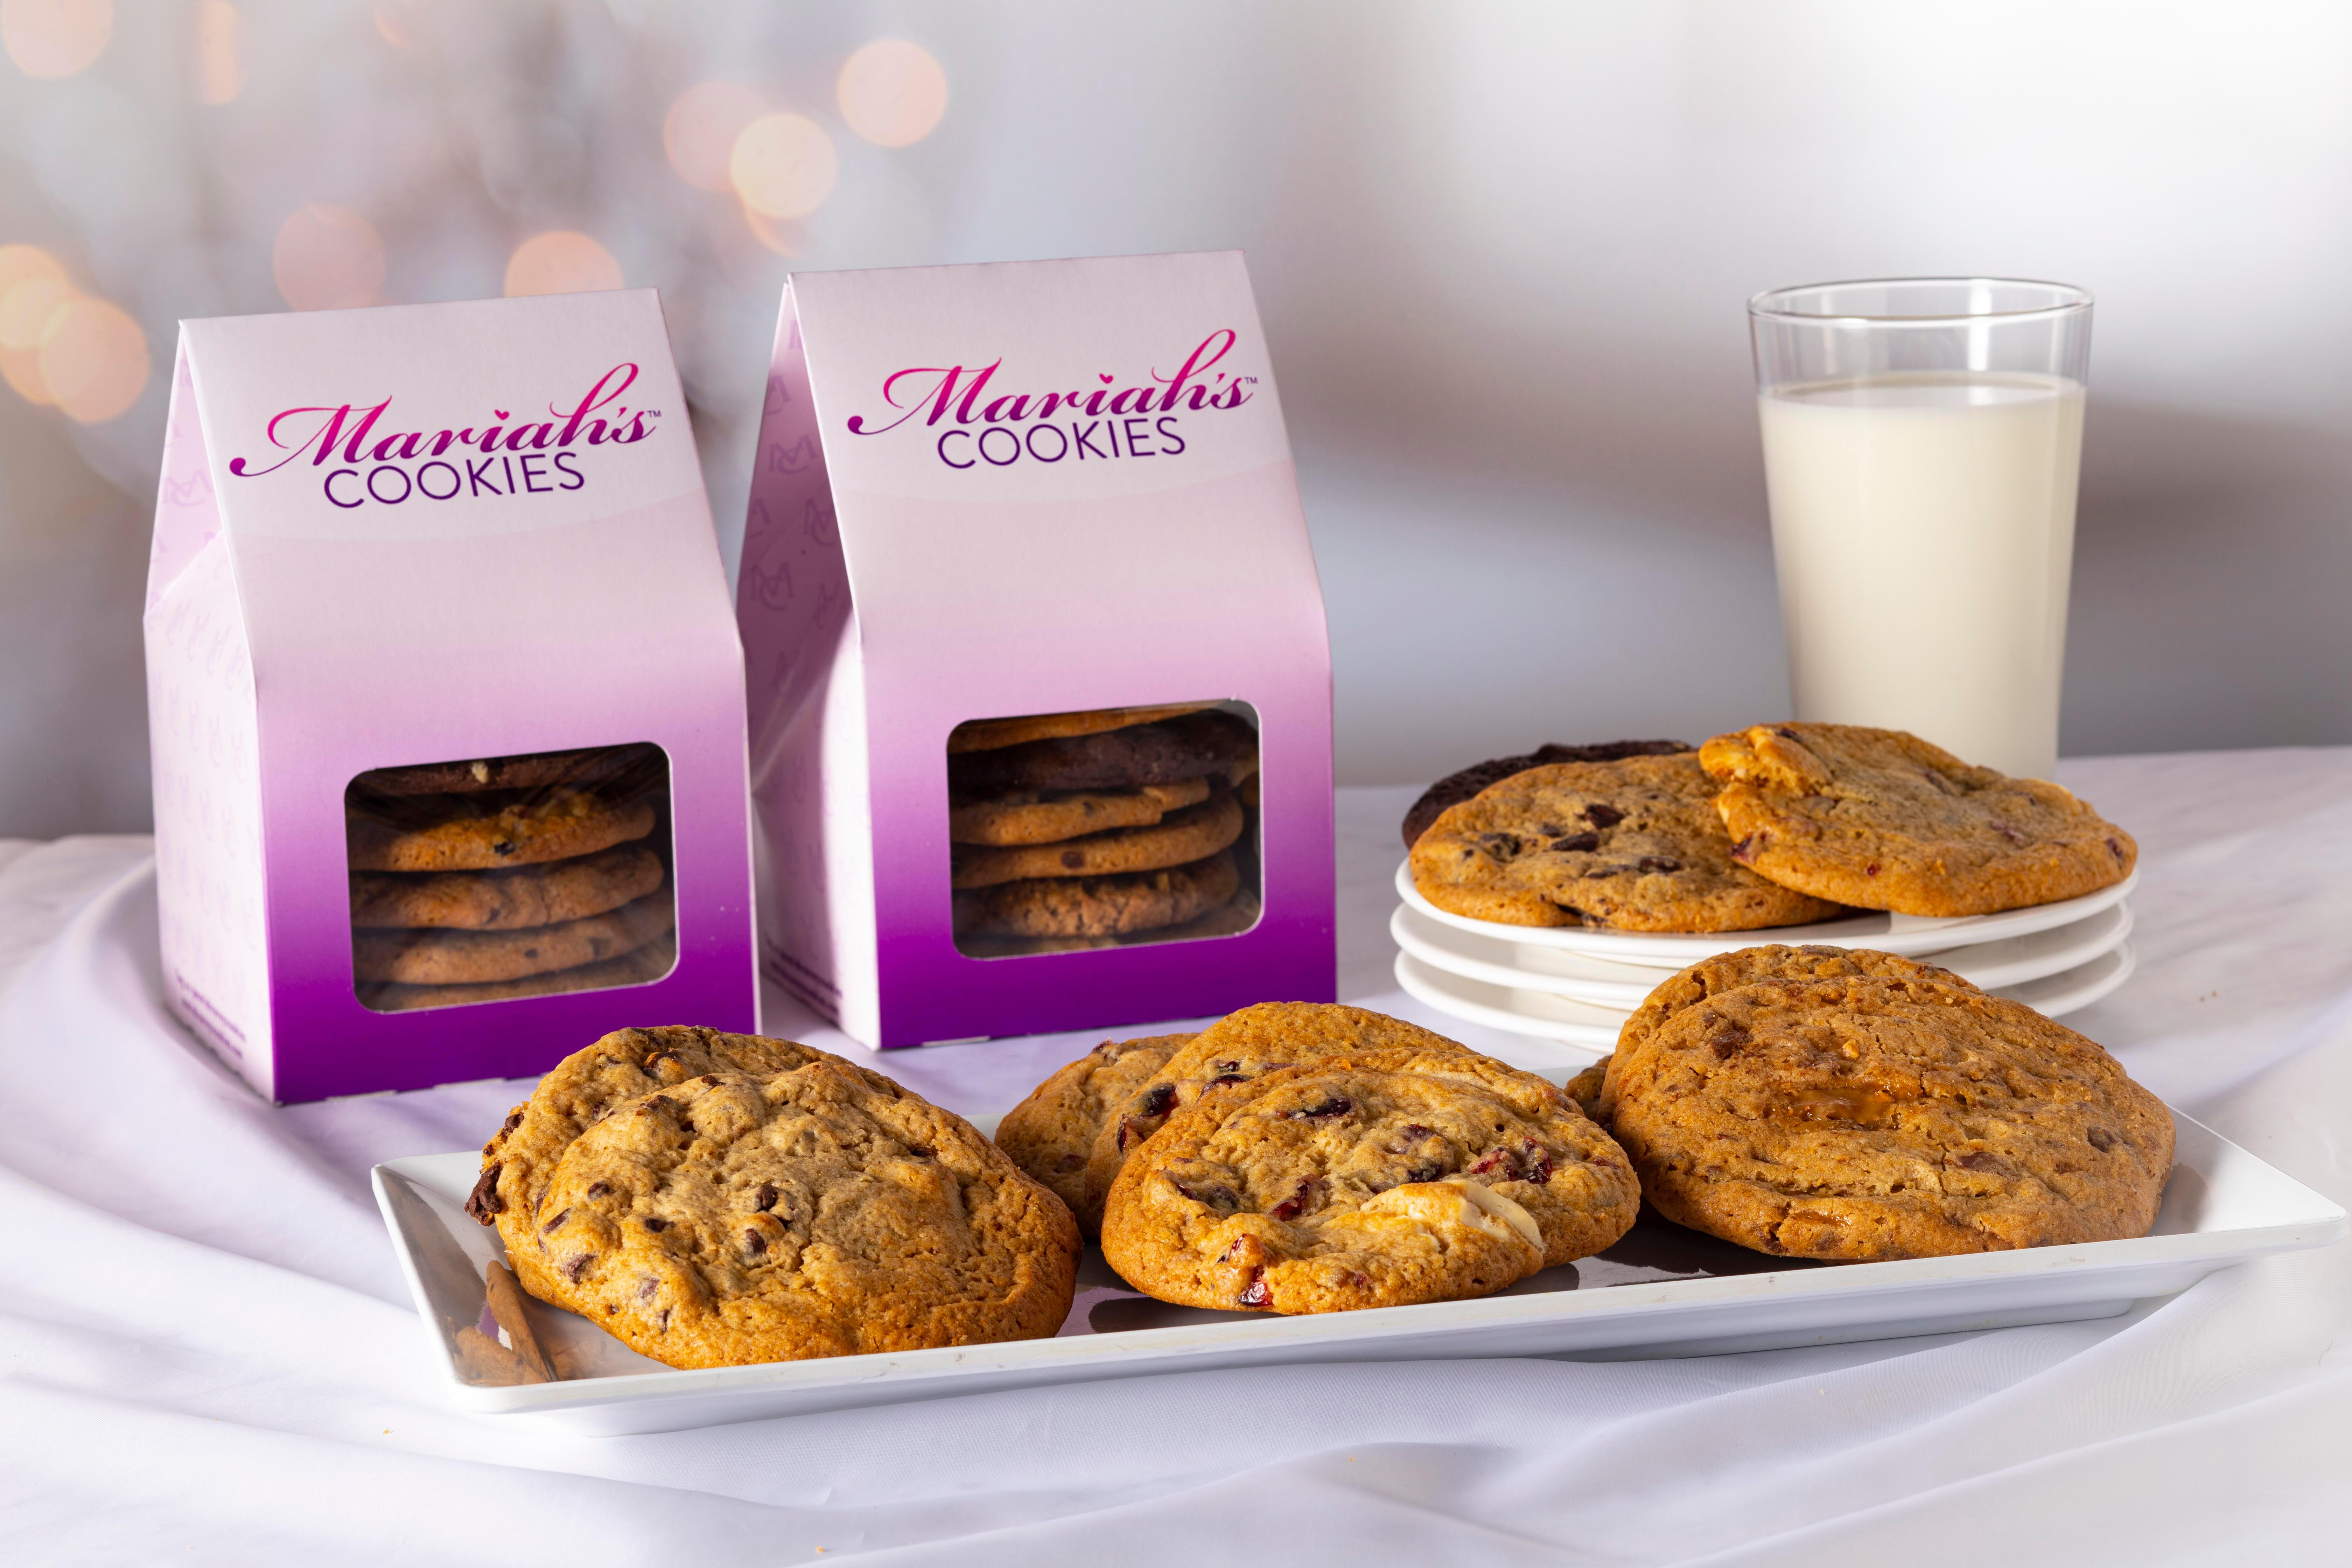 Mariah's Cookies